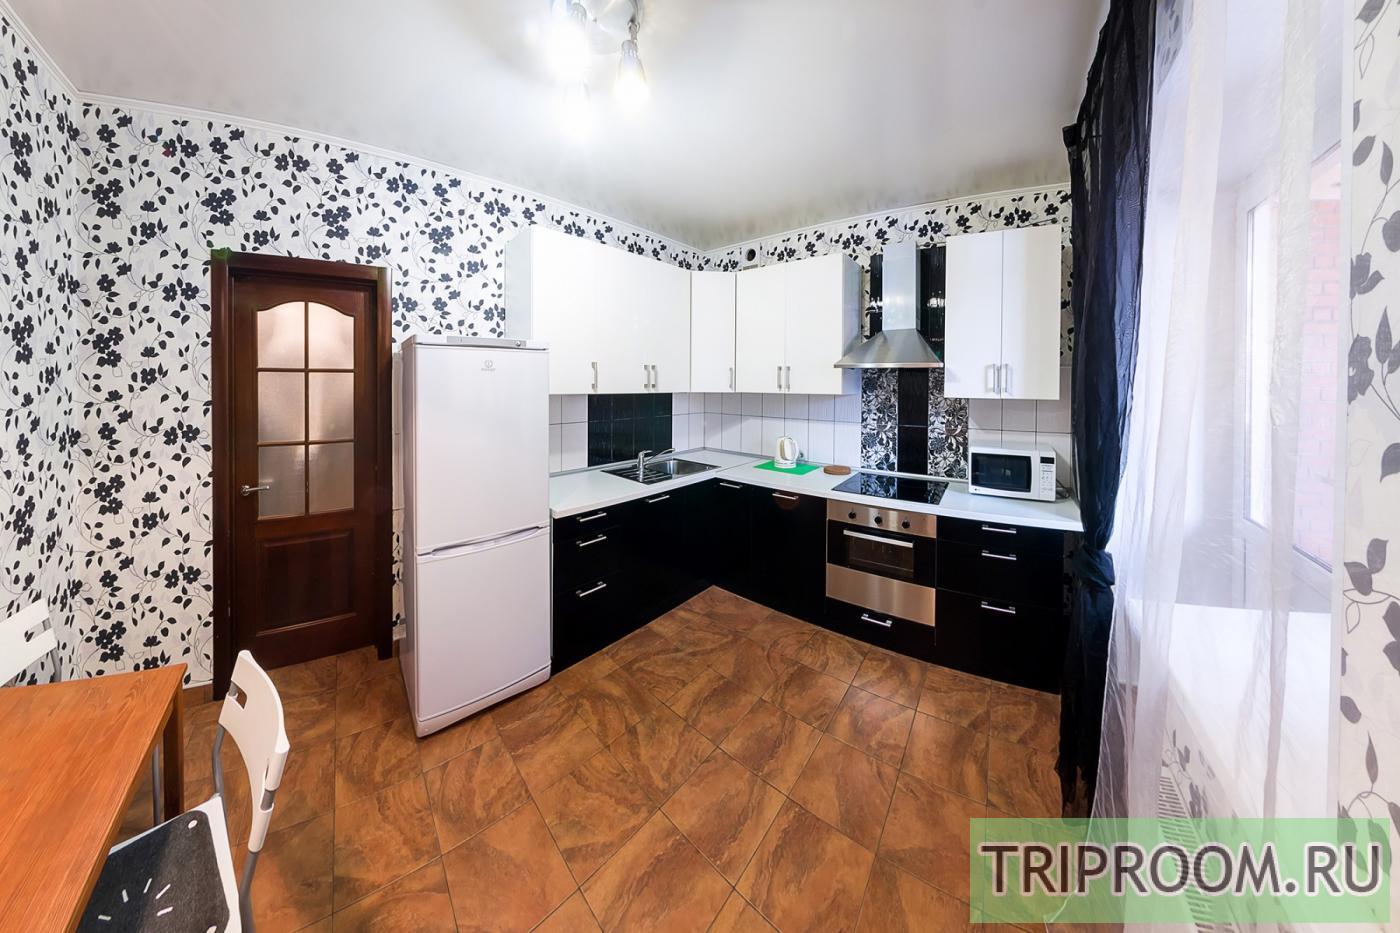 1-комнатная квартира посуточно (вариант № 33969), ул. Серафимовича улица, фото № 3